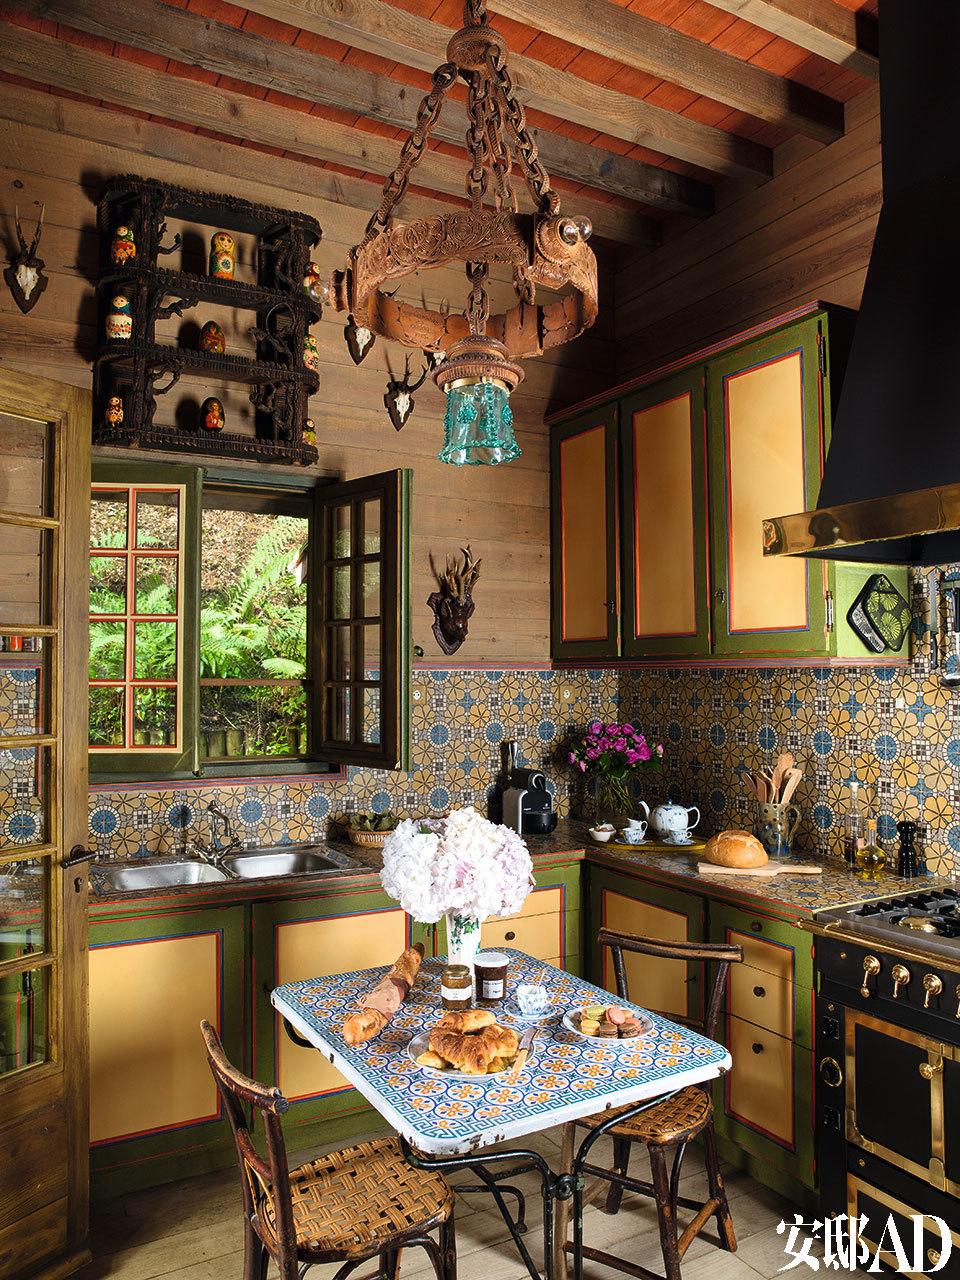 法式老瓷砖与壁架上的俄罗斯套娃相呼应,这样一个温暖的小厨房,会有多少关于Yves的回忆呢?厨房中挂了一盏19世纪的东欧吊灯;厨房墙面后挡板选用了老式法国瓷砖,厨房设备来自La Cornue。